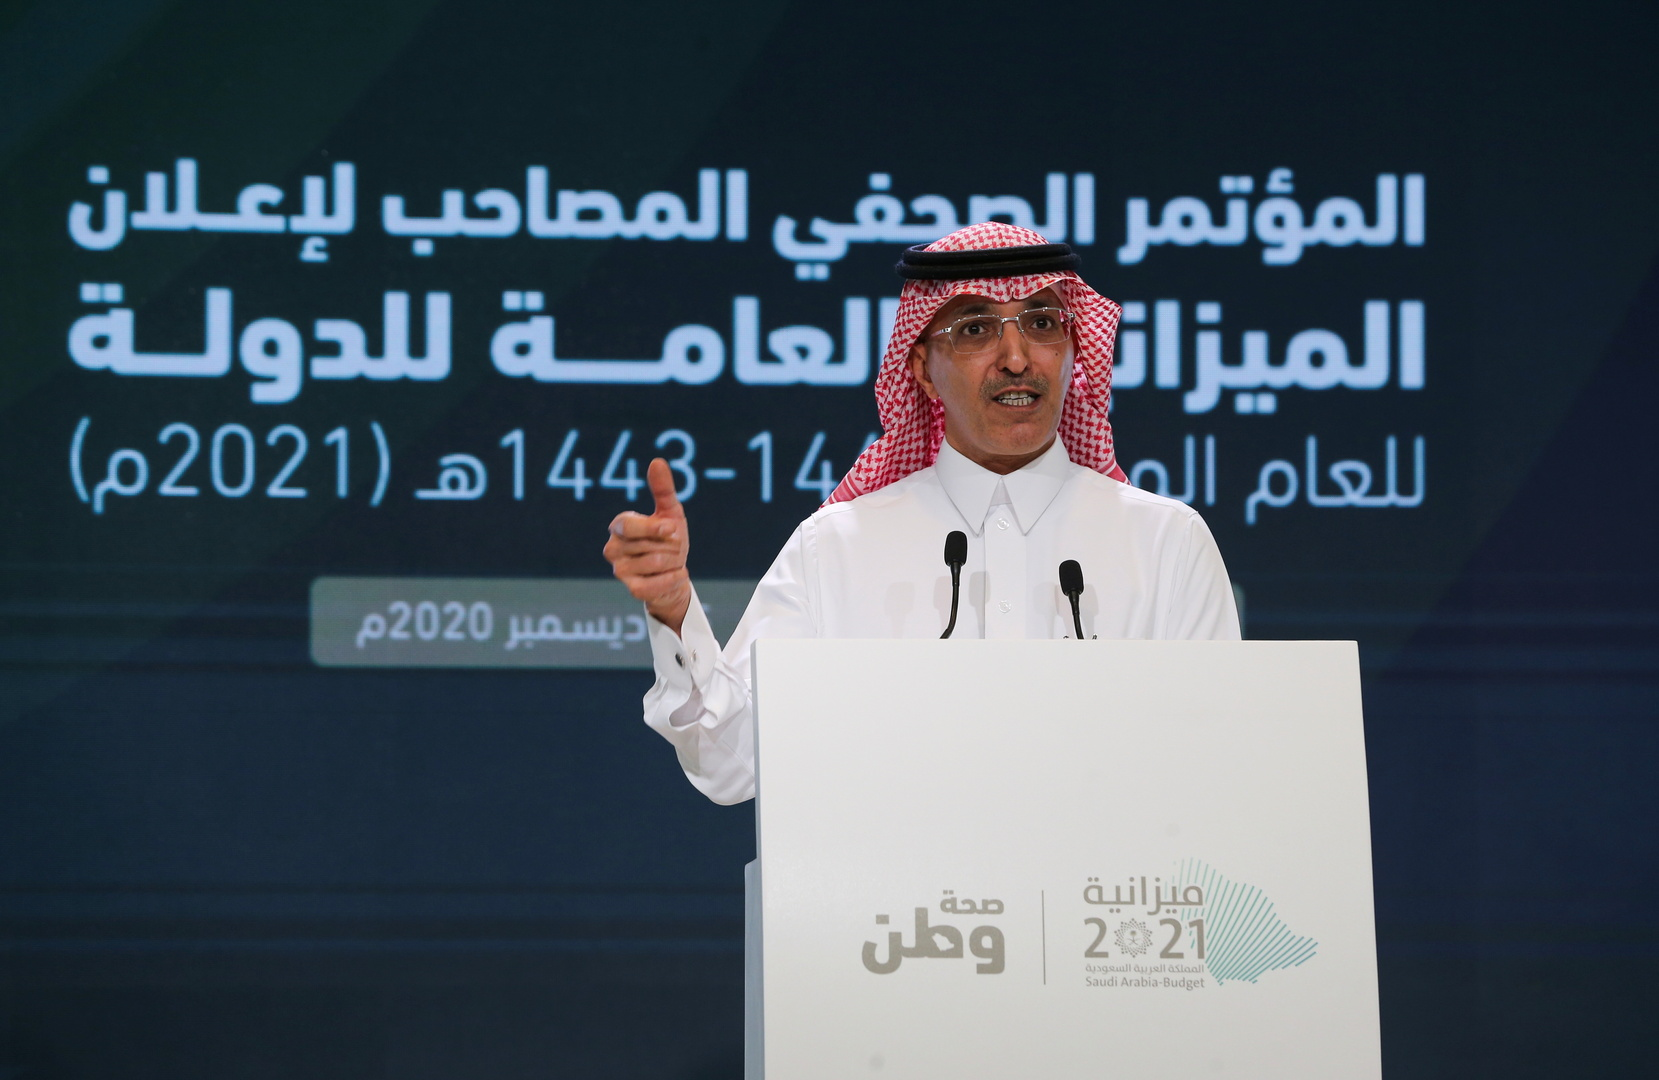 وزير المالية السعودي يرخص لأول بنكين رقميين في المملكة